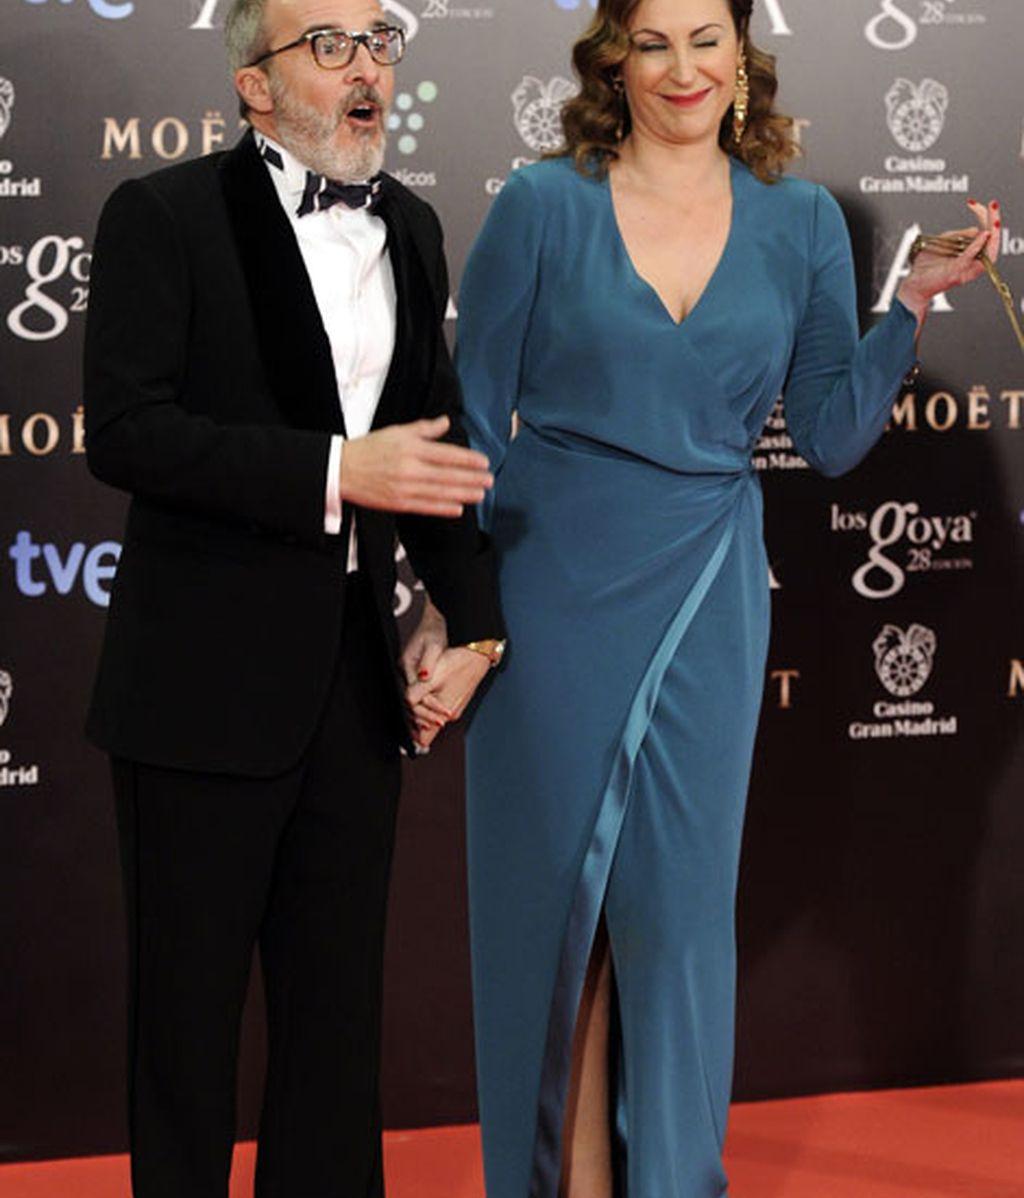 Ana Milan de Ivan Campaña y Fernando Guillén Cuervo